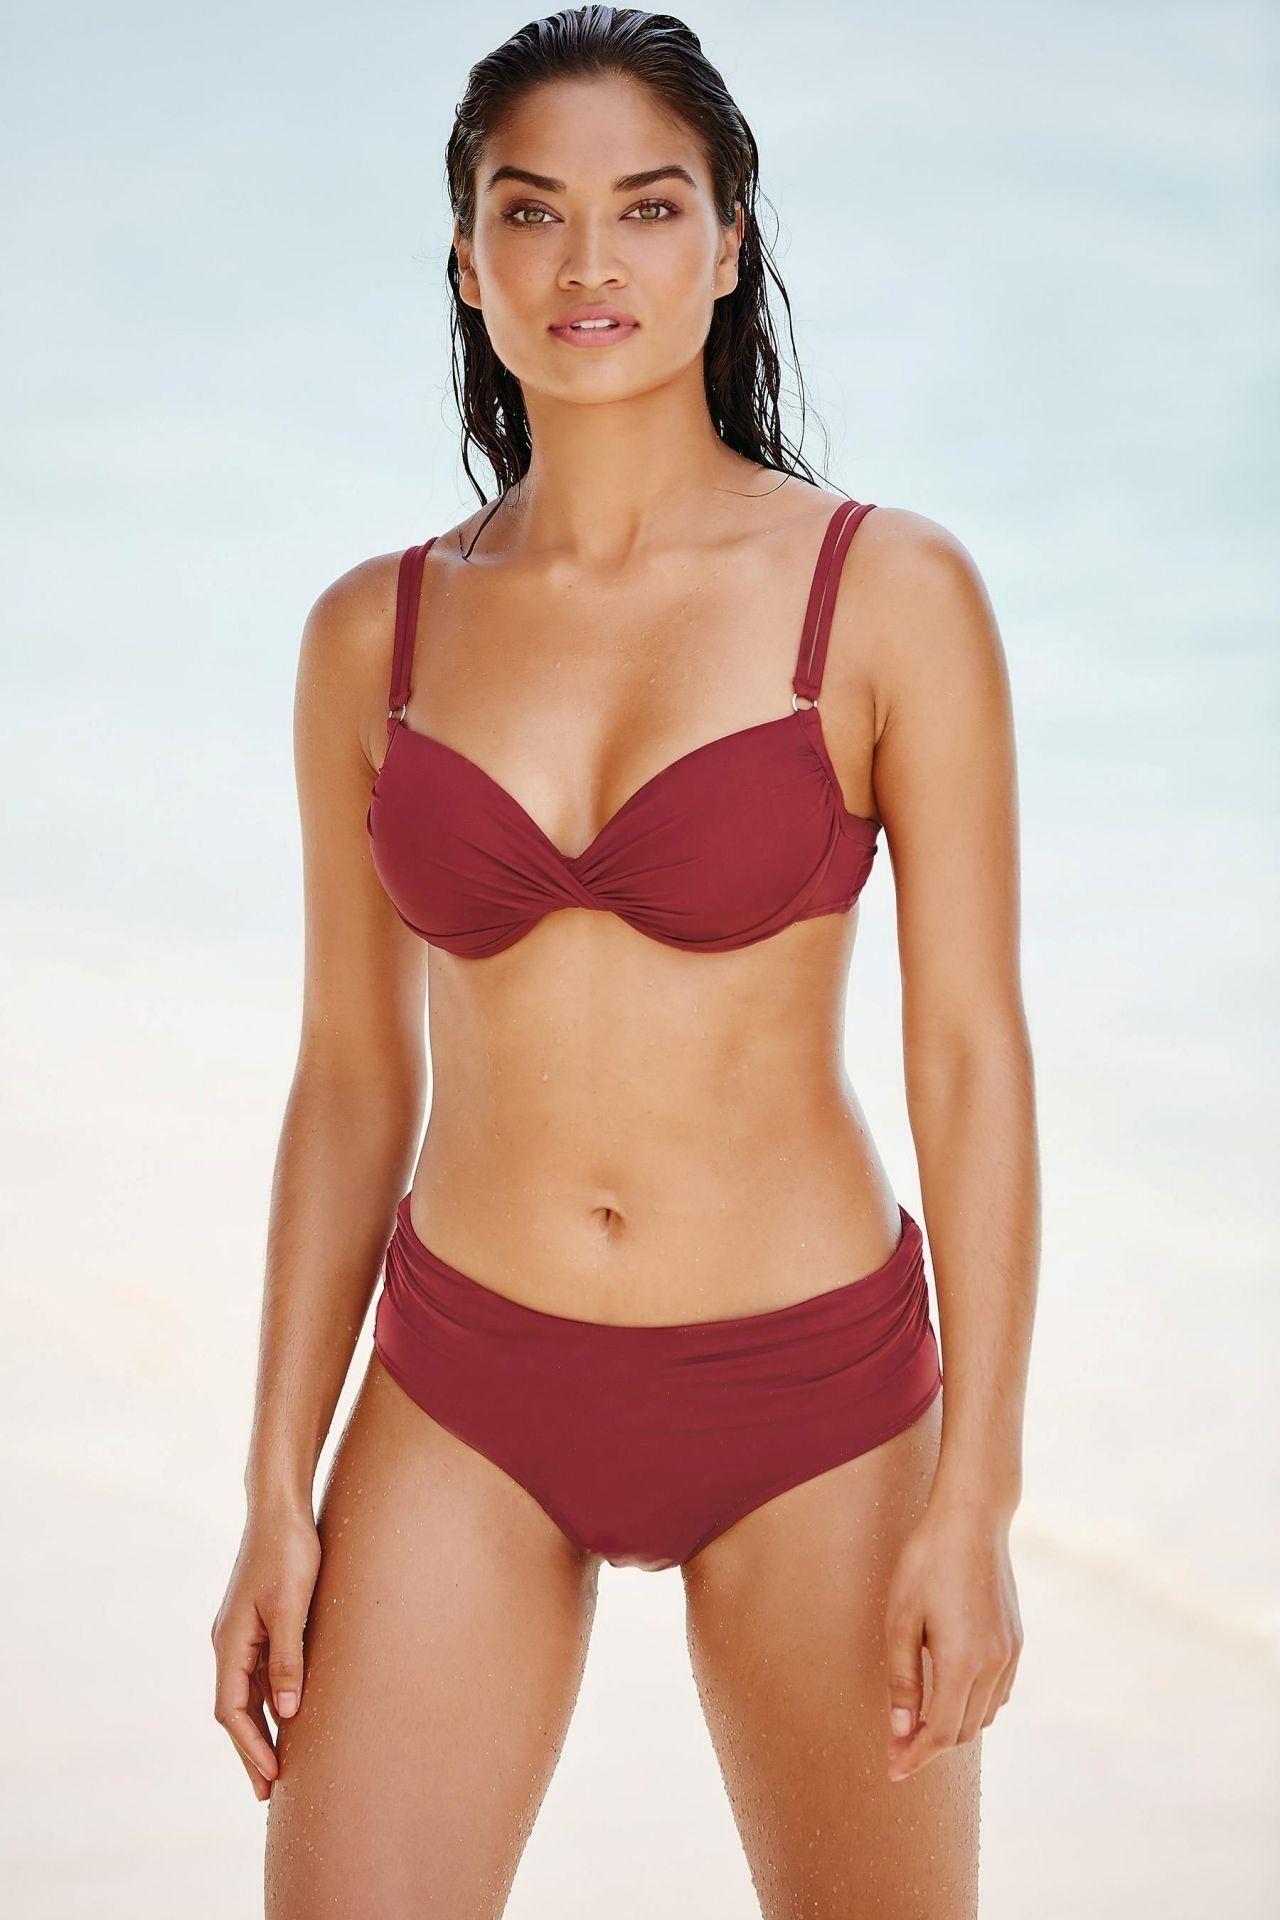 Shanina Shaik with Bikini